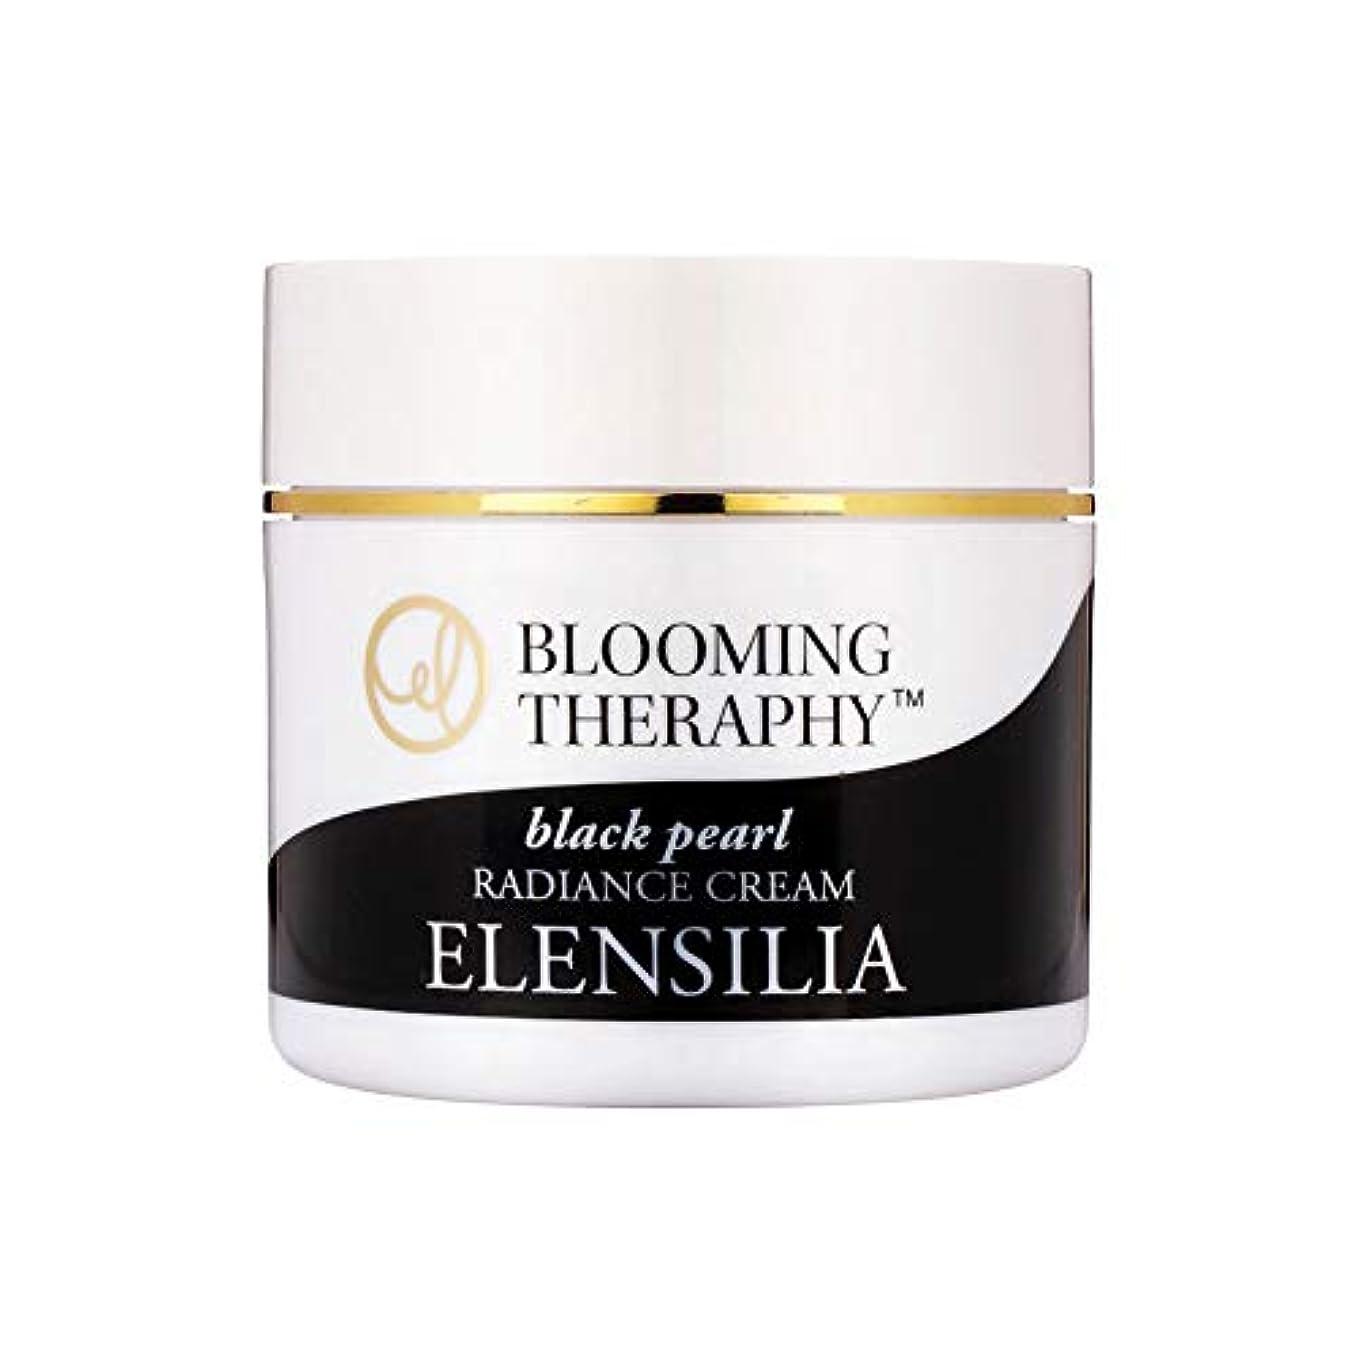 独占テーマ金額エルレンシルラElensilia 韓国コスメ ブルーミングセラピー黒真珠ラディアンスクリーム50g 海外直送品 Blooming Theraphy Black Pearl Radiance Cream [並行輸入品]